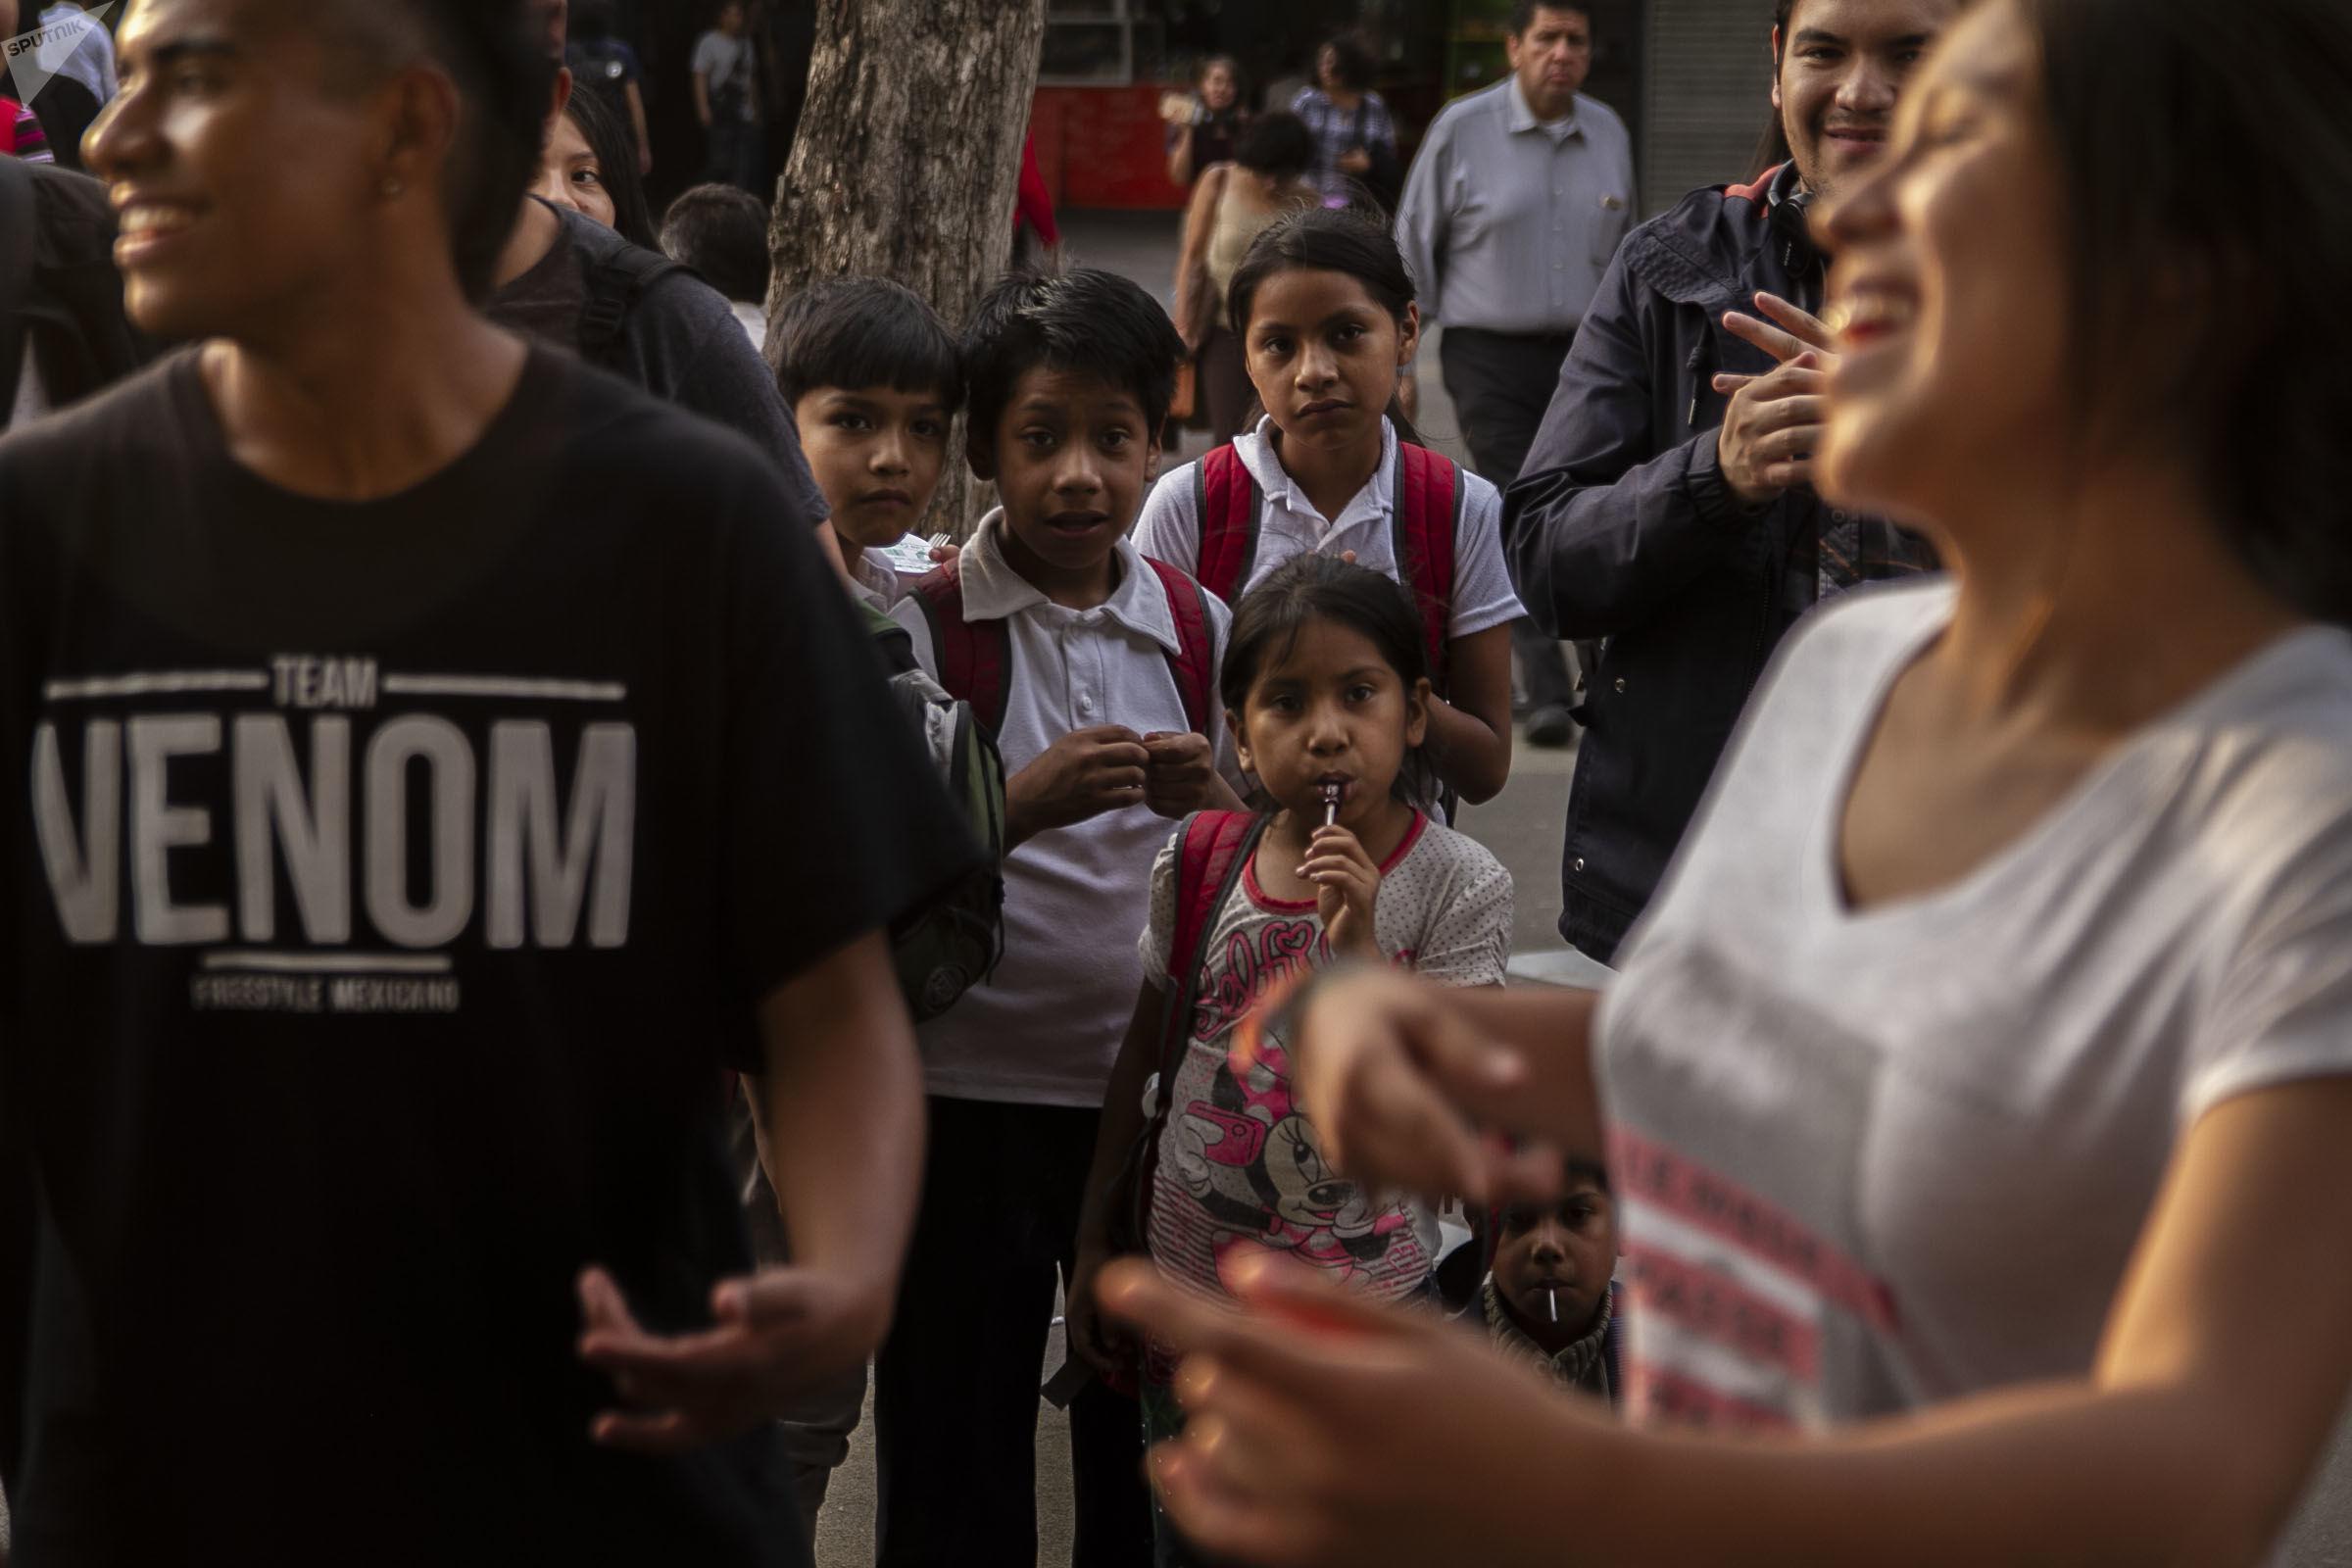 Ciudad de México: Niños observan a Li, durante la batalla de rap en la Glorieta de los Insurgentes